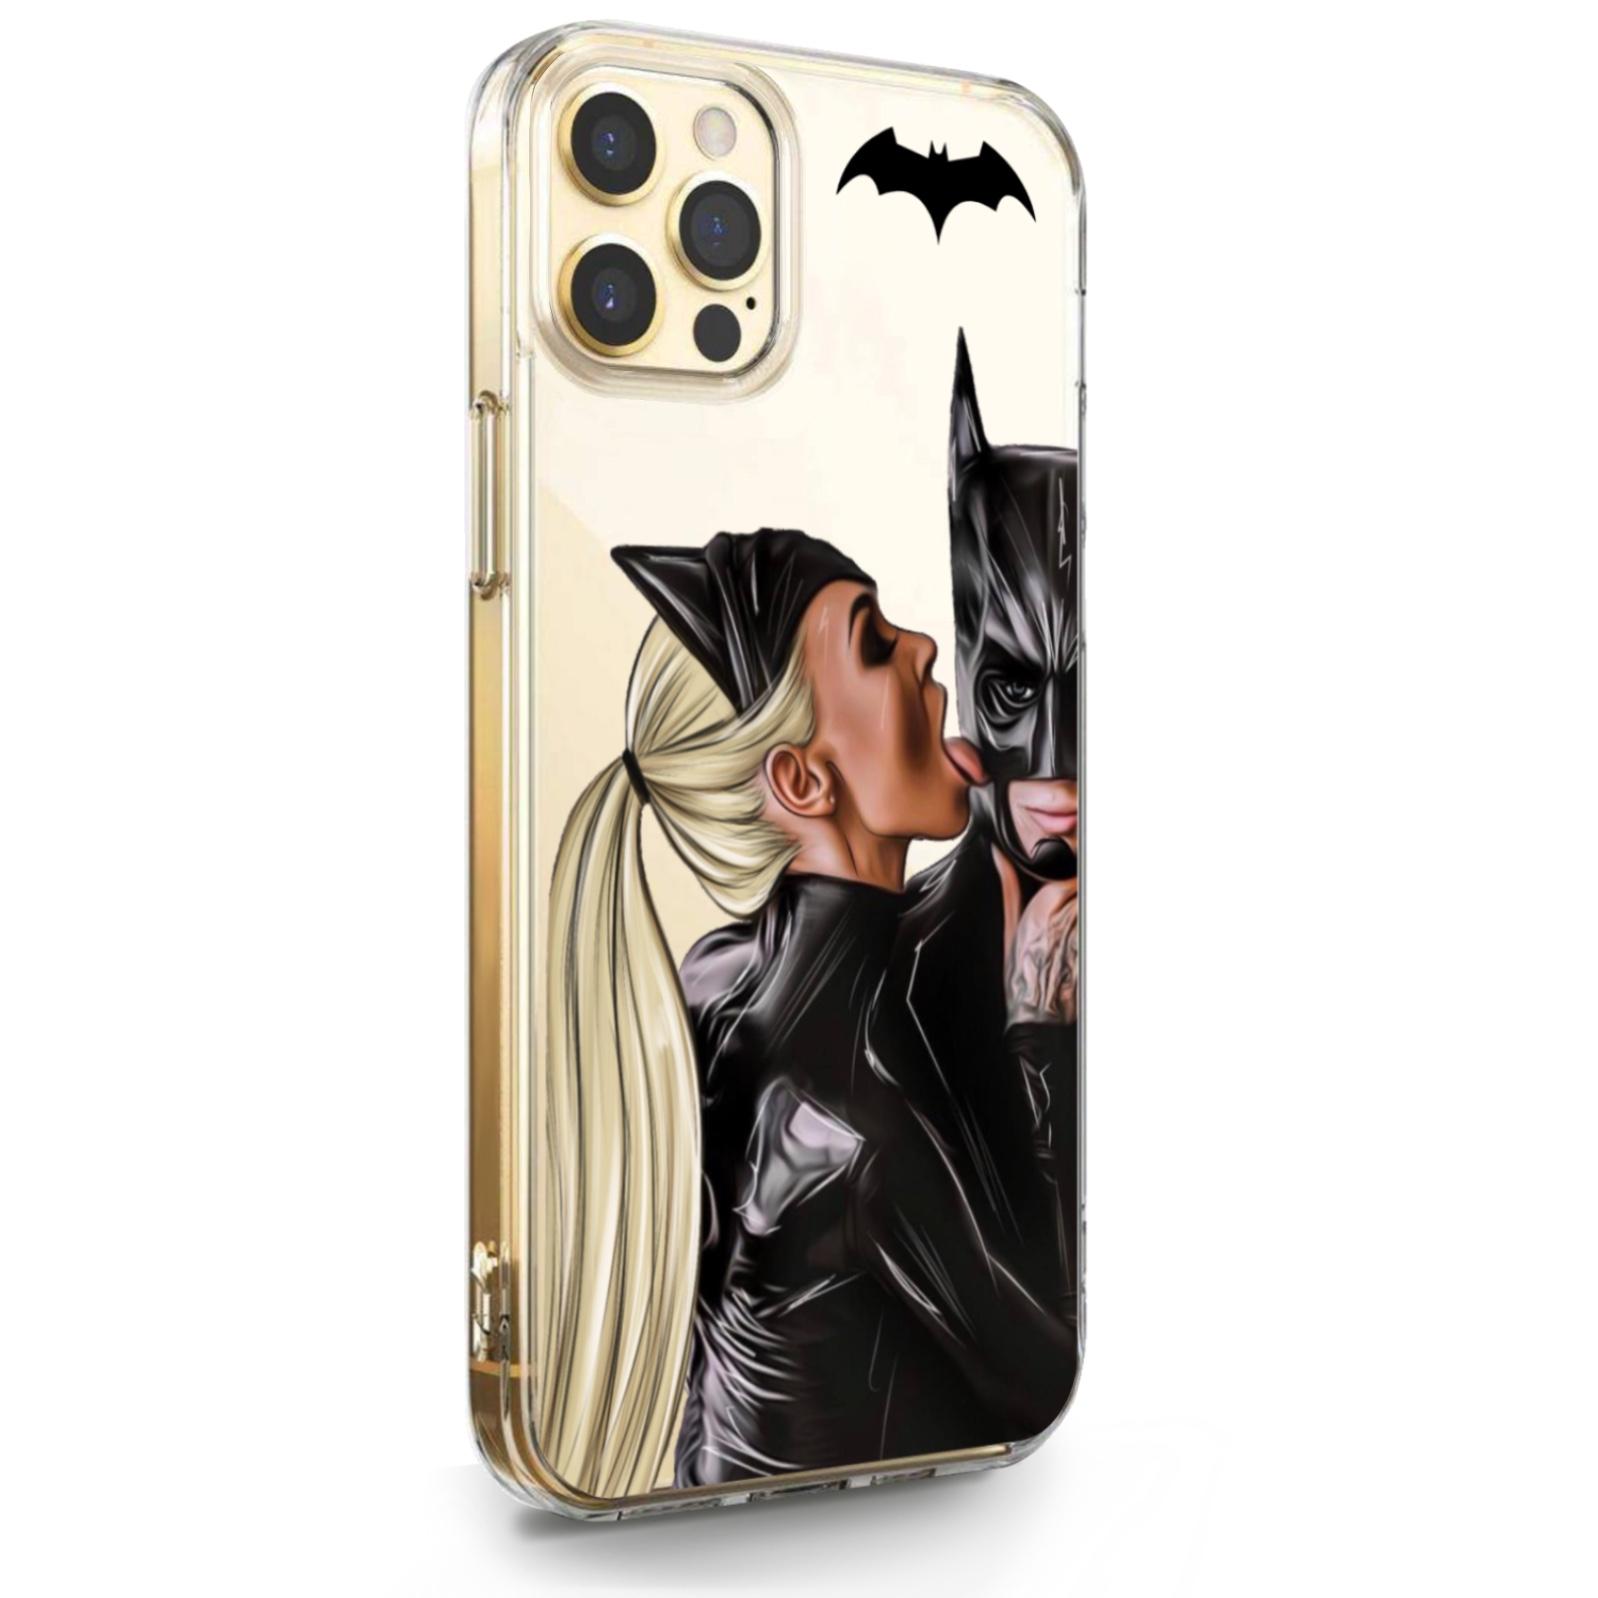 Прозрачный силиконовый чехол для iPhone 12 Pro Max Cat Woman/ Женщина кошка Блондинка для Айфон 12 Про Макс